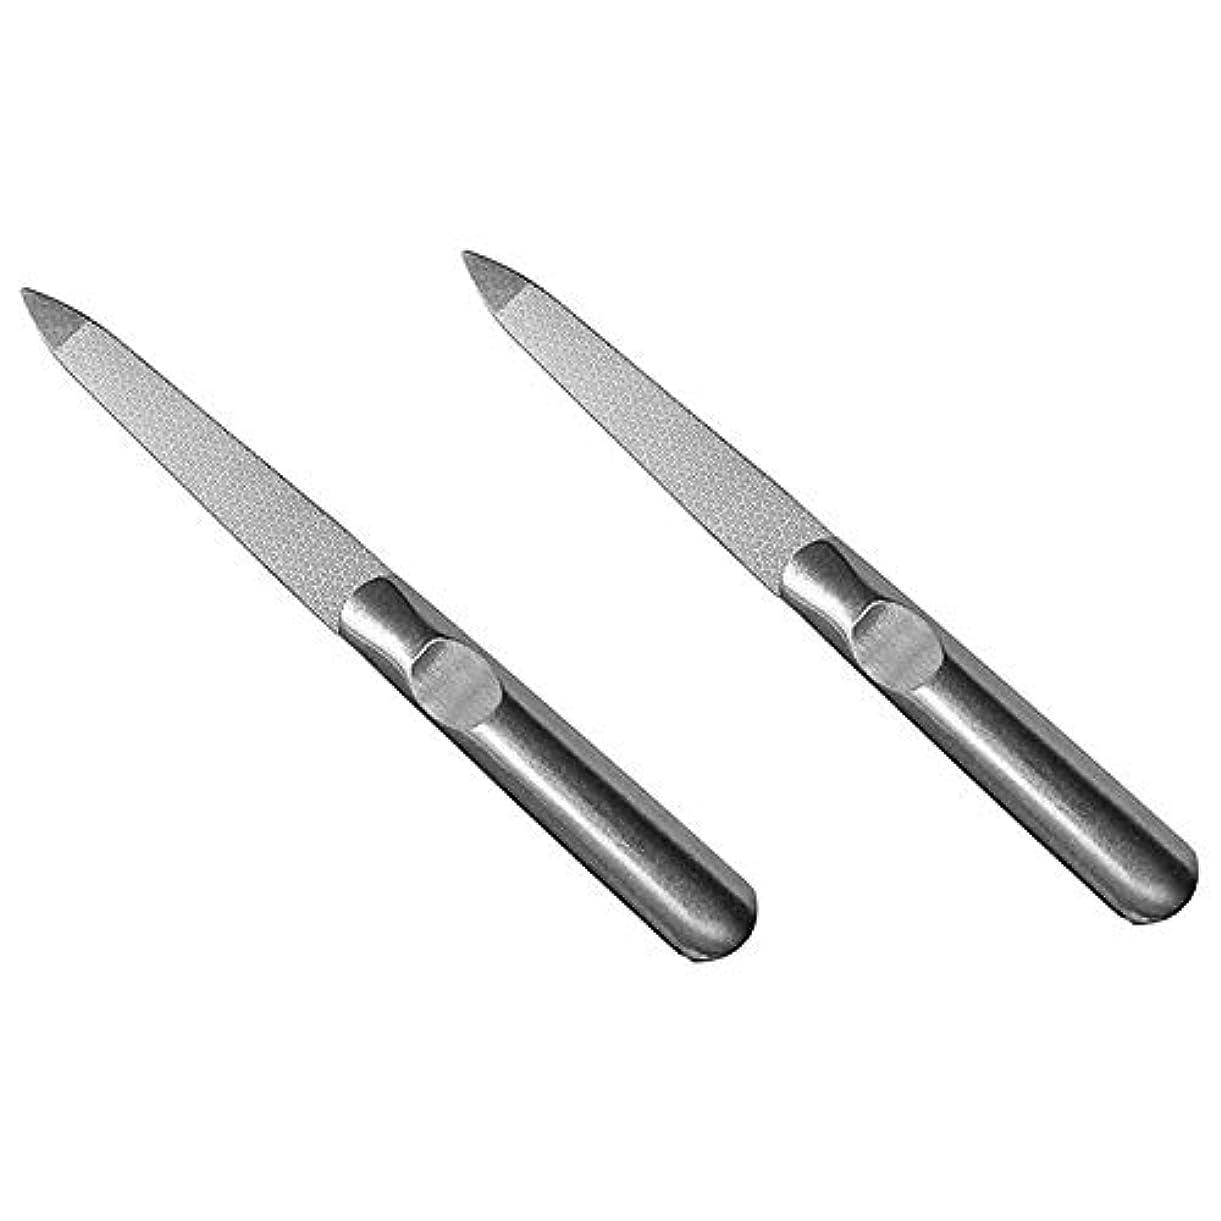 プレーヤースタッフ十二Semoic 2個 ステンレススチール ネイルファイル 両面マット アーマー美容ツール Yangjiang爪 腐食の防止鎧